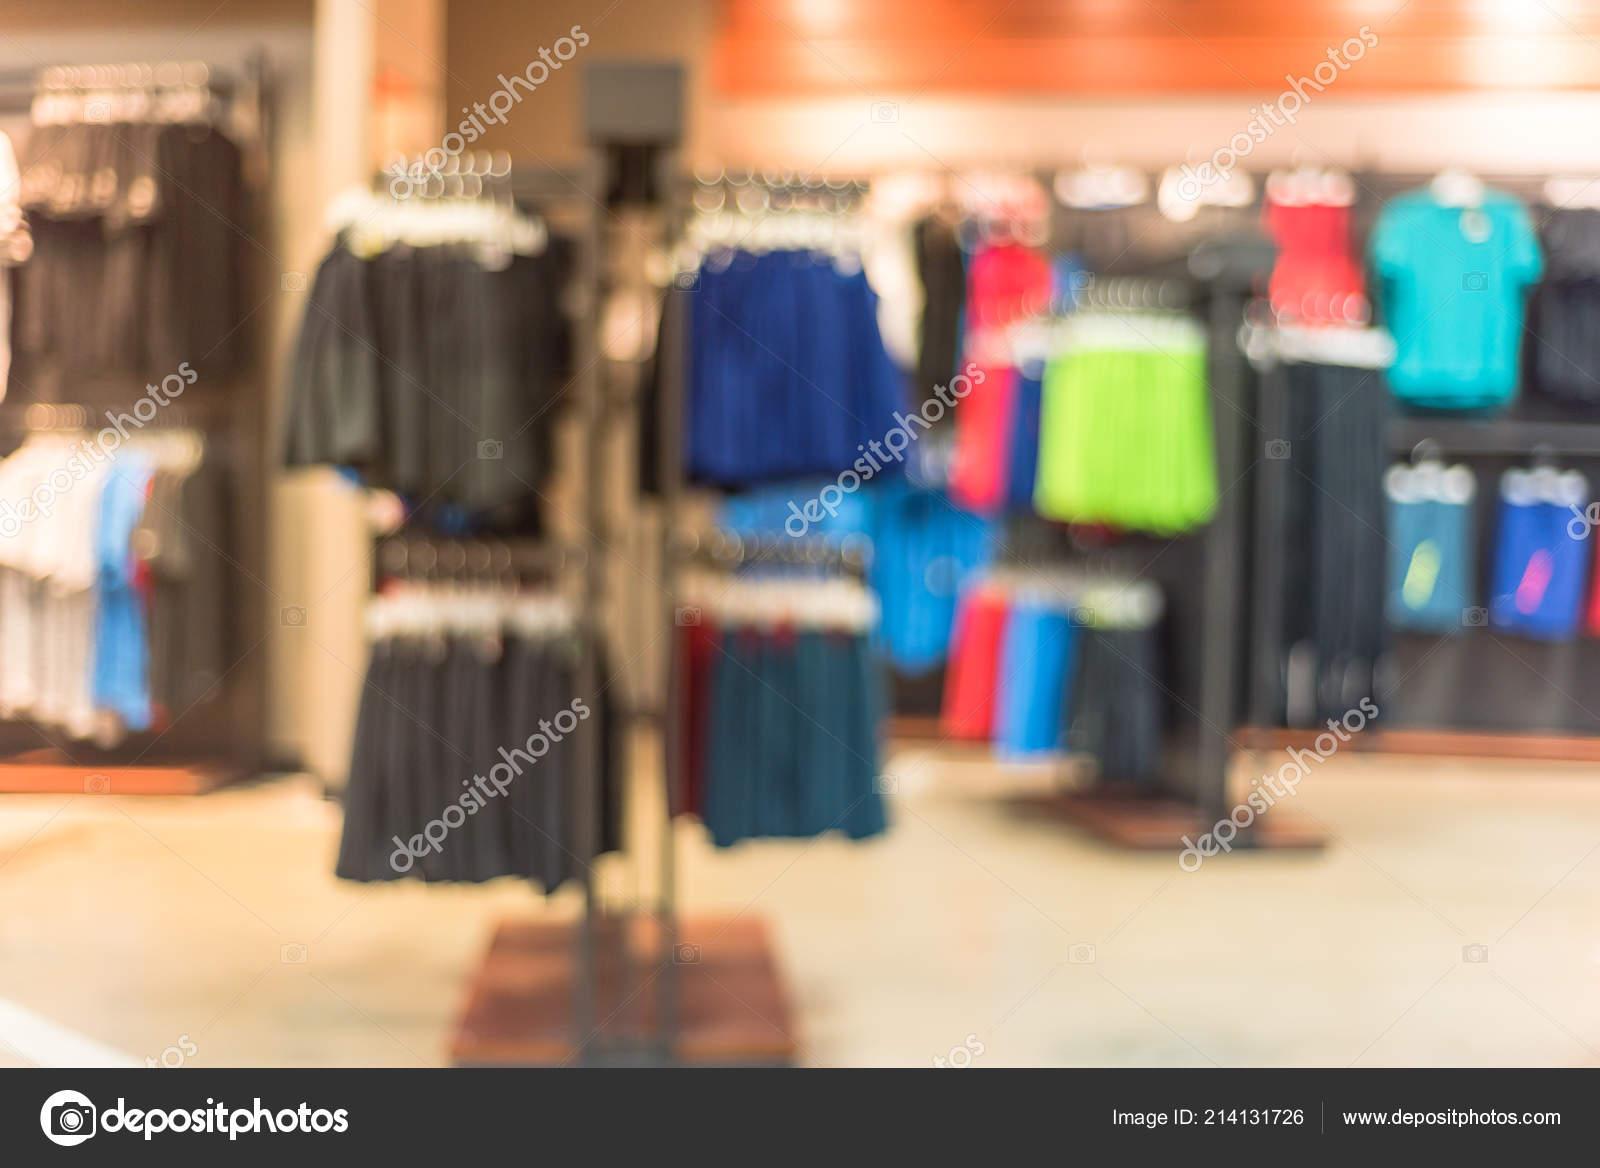 fba41e010daee Размытое изображение интерьер Спорт и фитнес одежды магазин в Америке.  Спортивный магазин с известных Спорт мода брендом в мире спортивной обуви,  ...